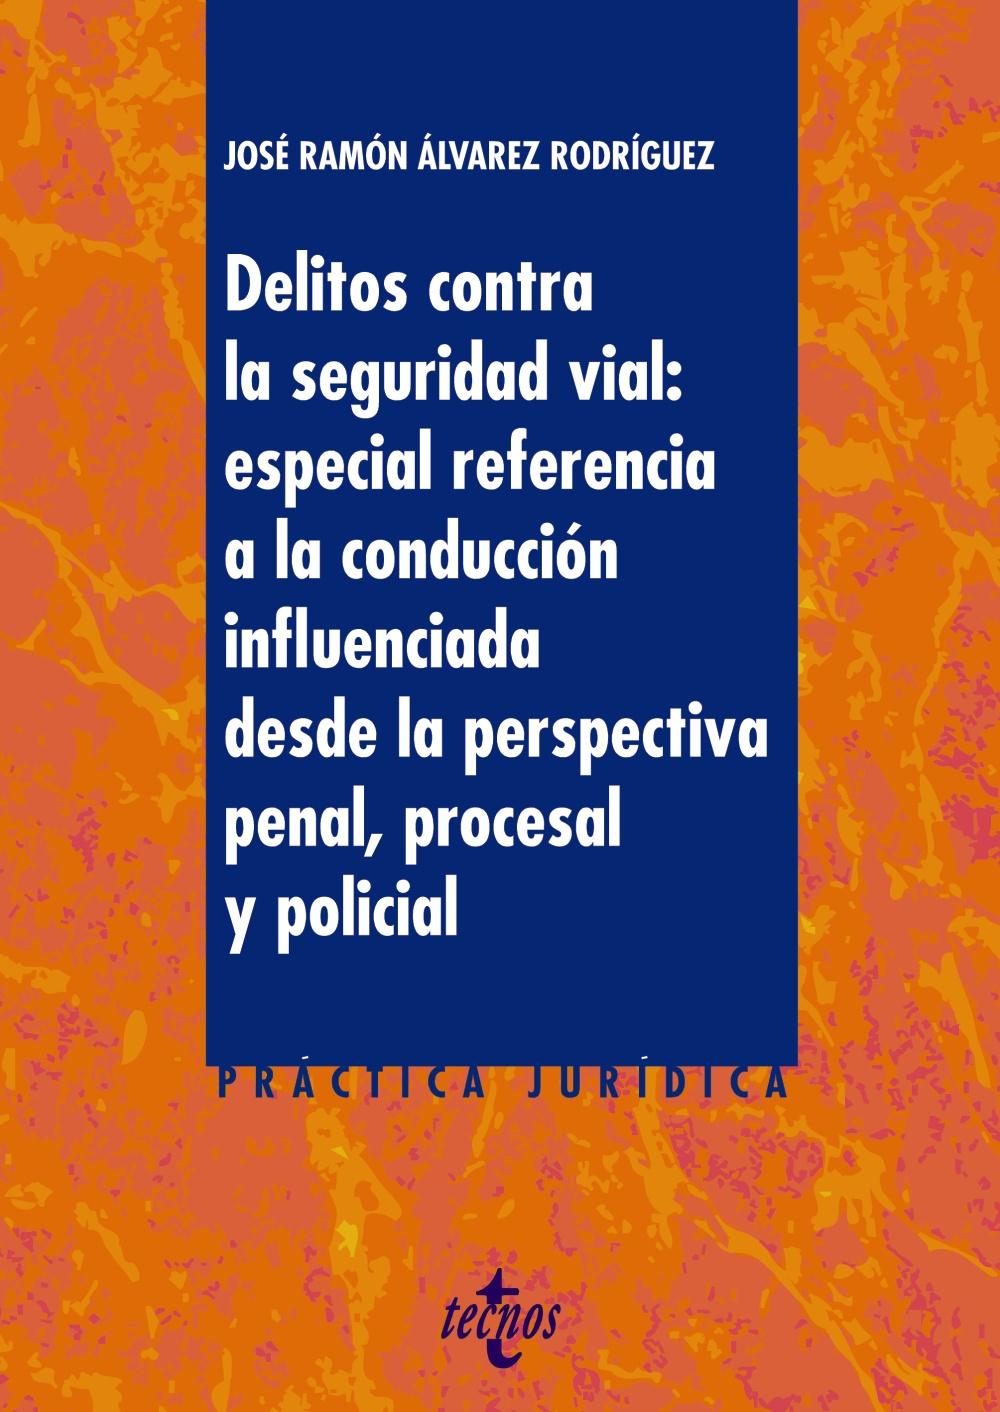 Delitos contra la Seguridad Vial: especial referencia a la conducción influenciada desde la perspectiva penal, procesal y policial